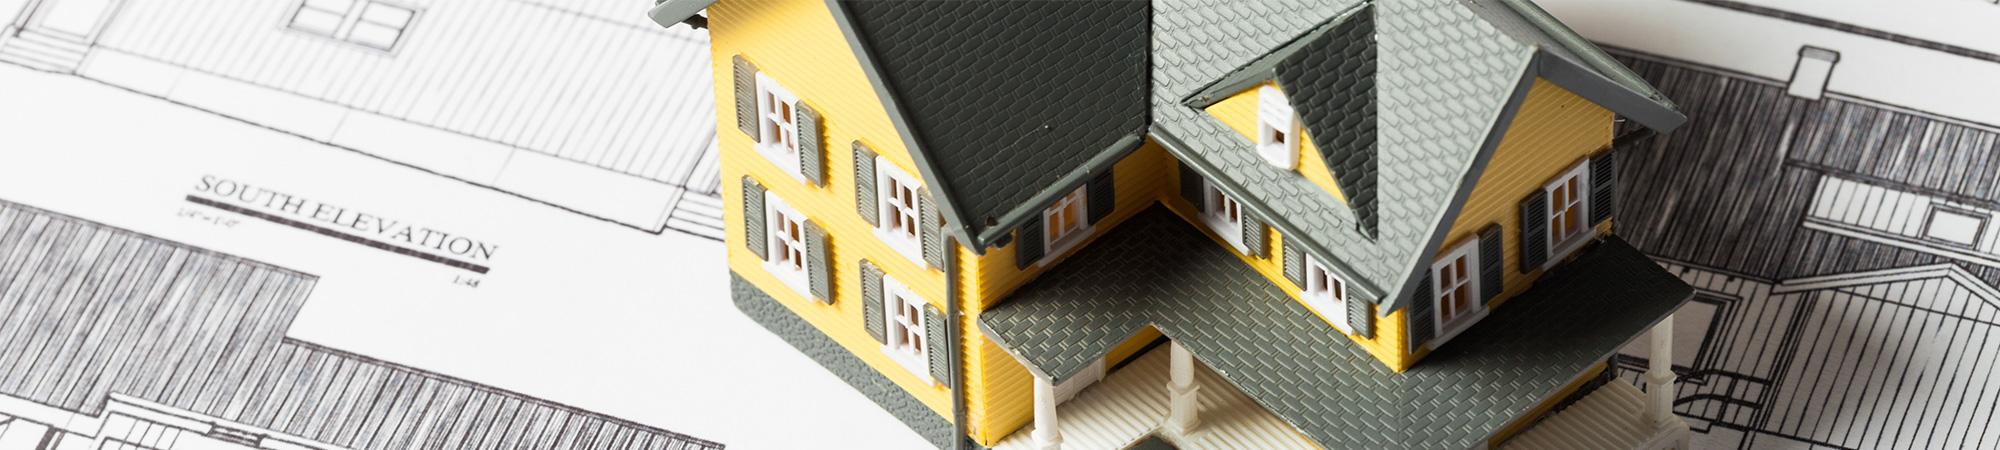 Wohneigentum bauen oder kaufen? Wir beraten Sie gerne...